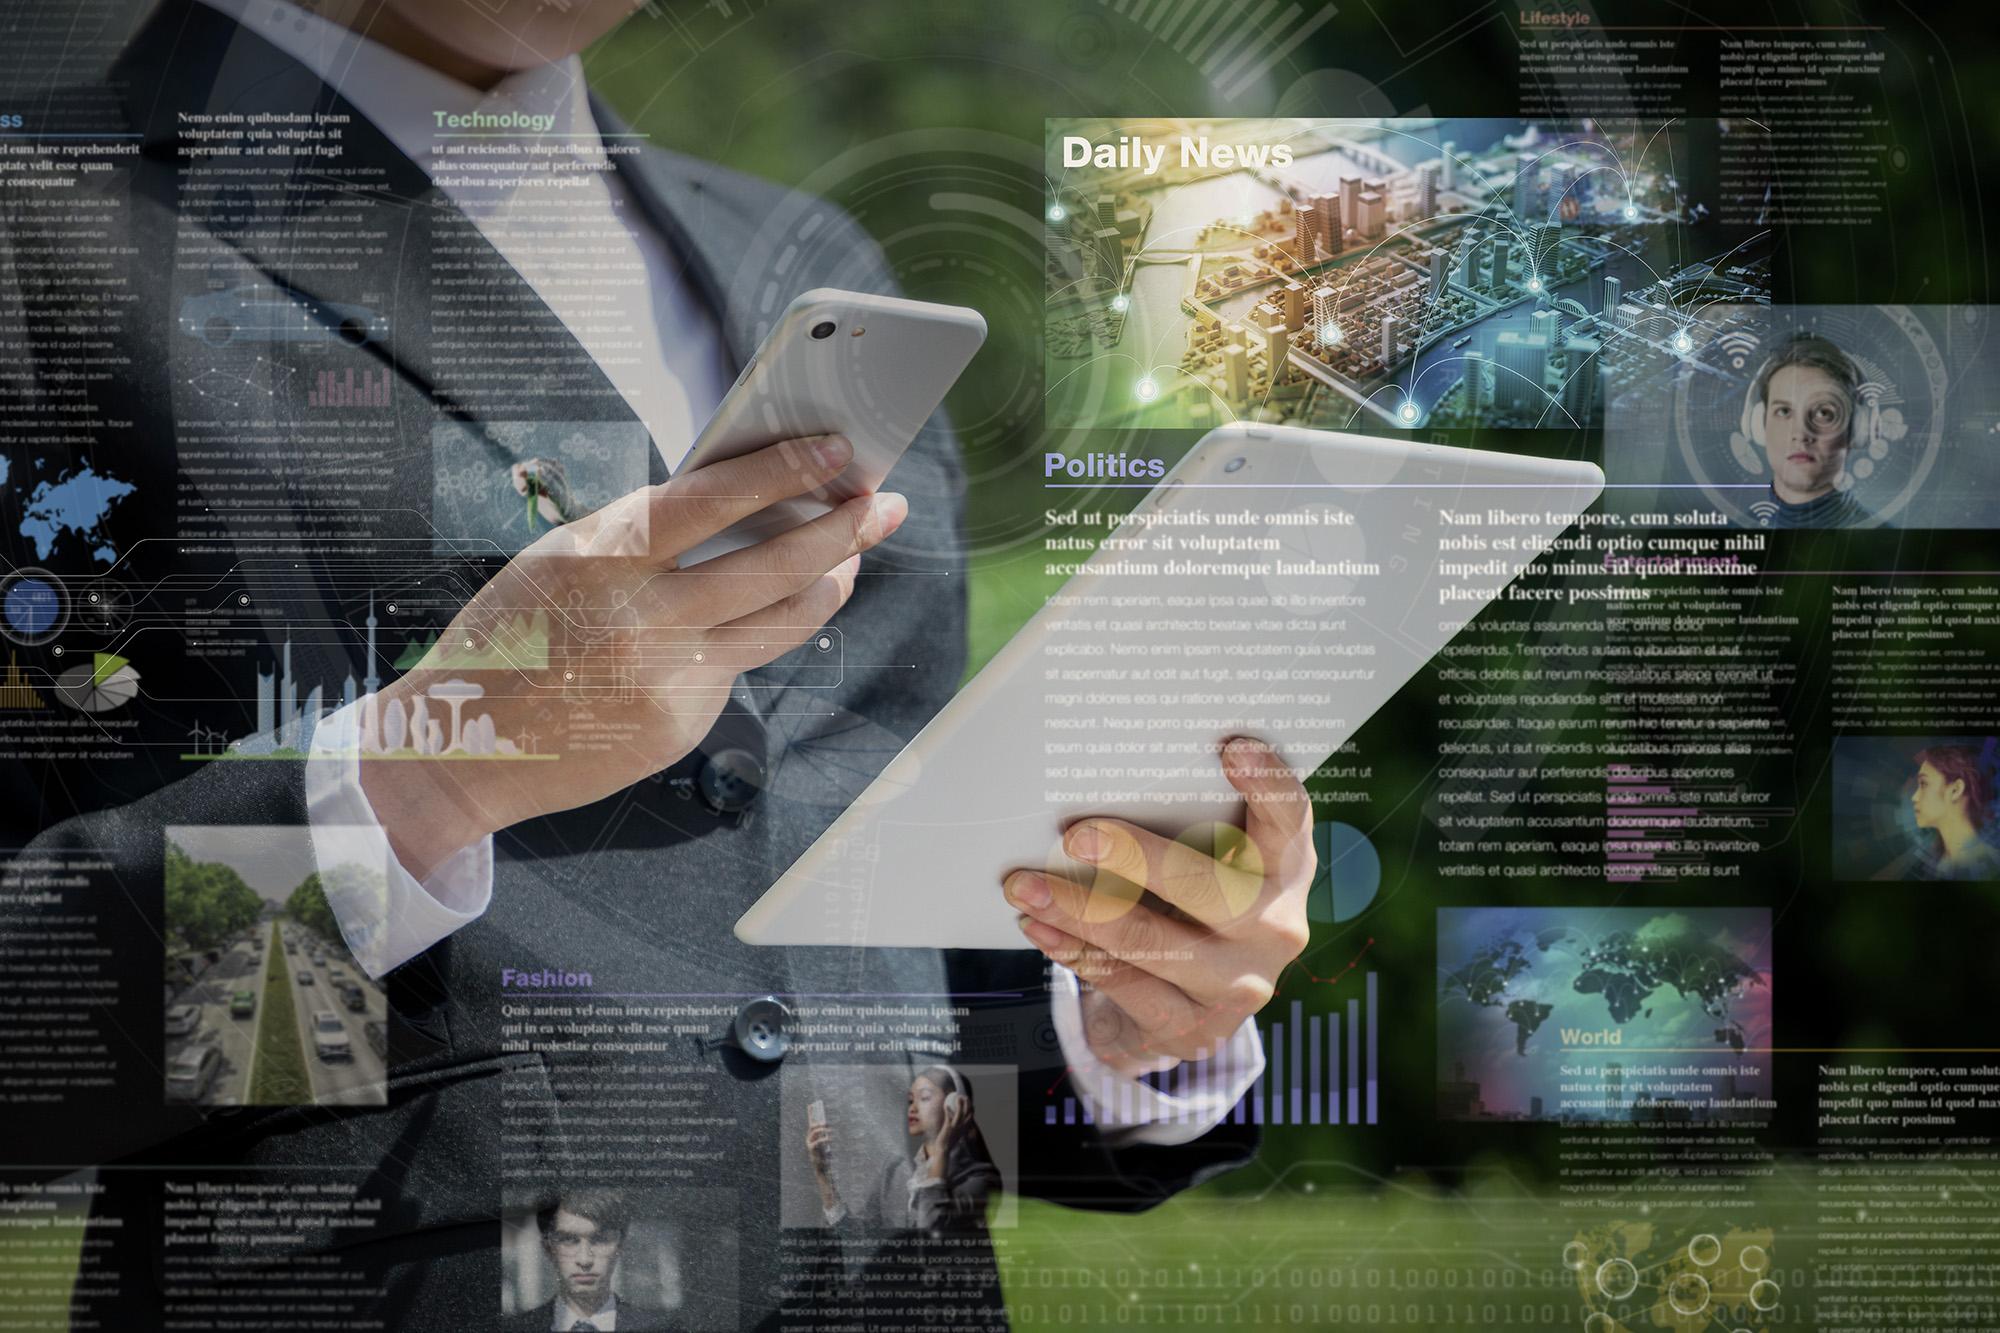 Komuniciranje prek spleta je zadnji trend v komunikaciji, ki ni omejen le na množične medije.